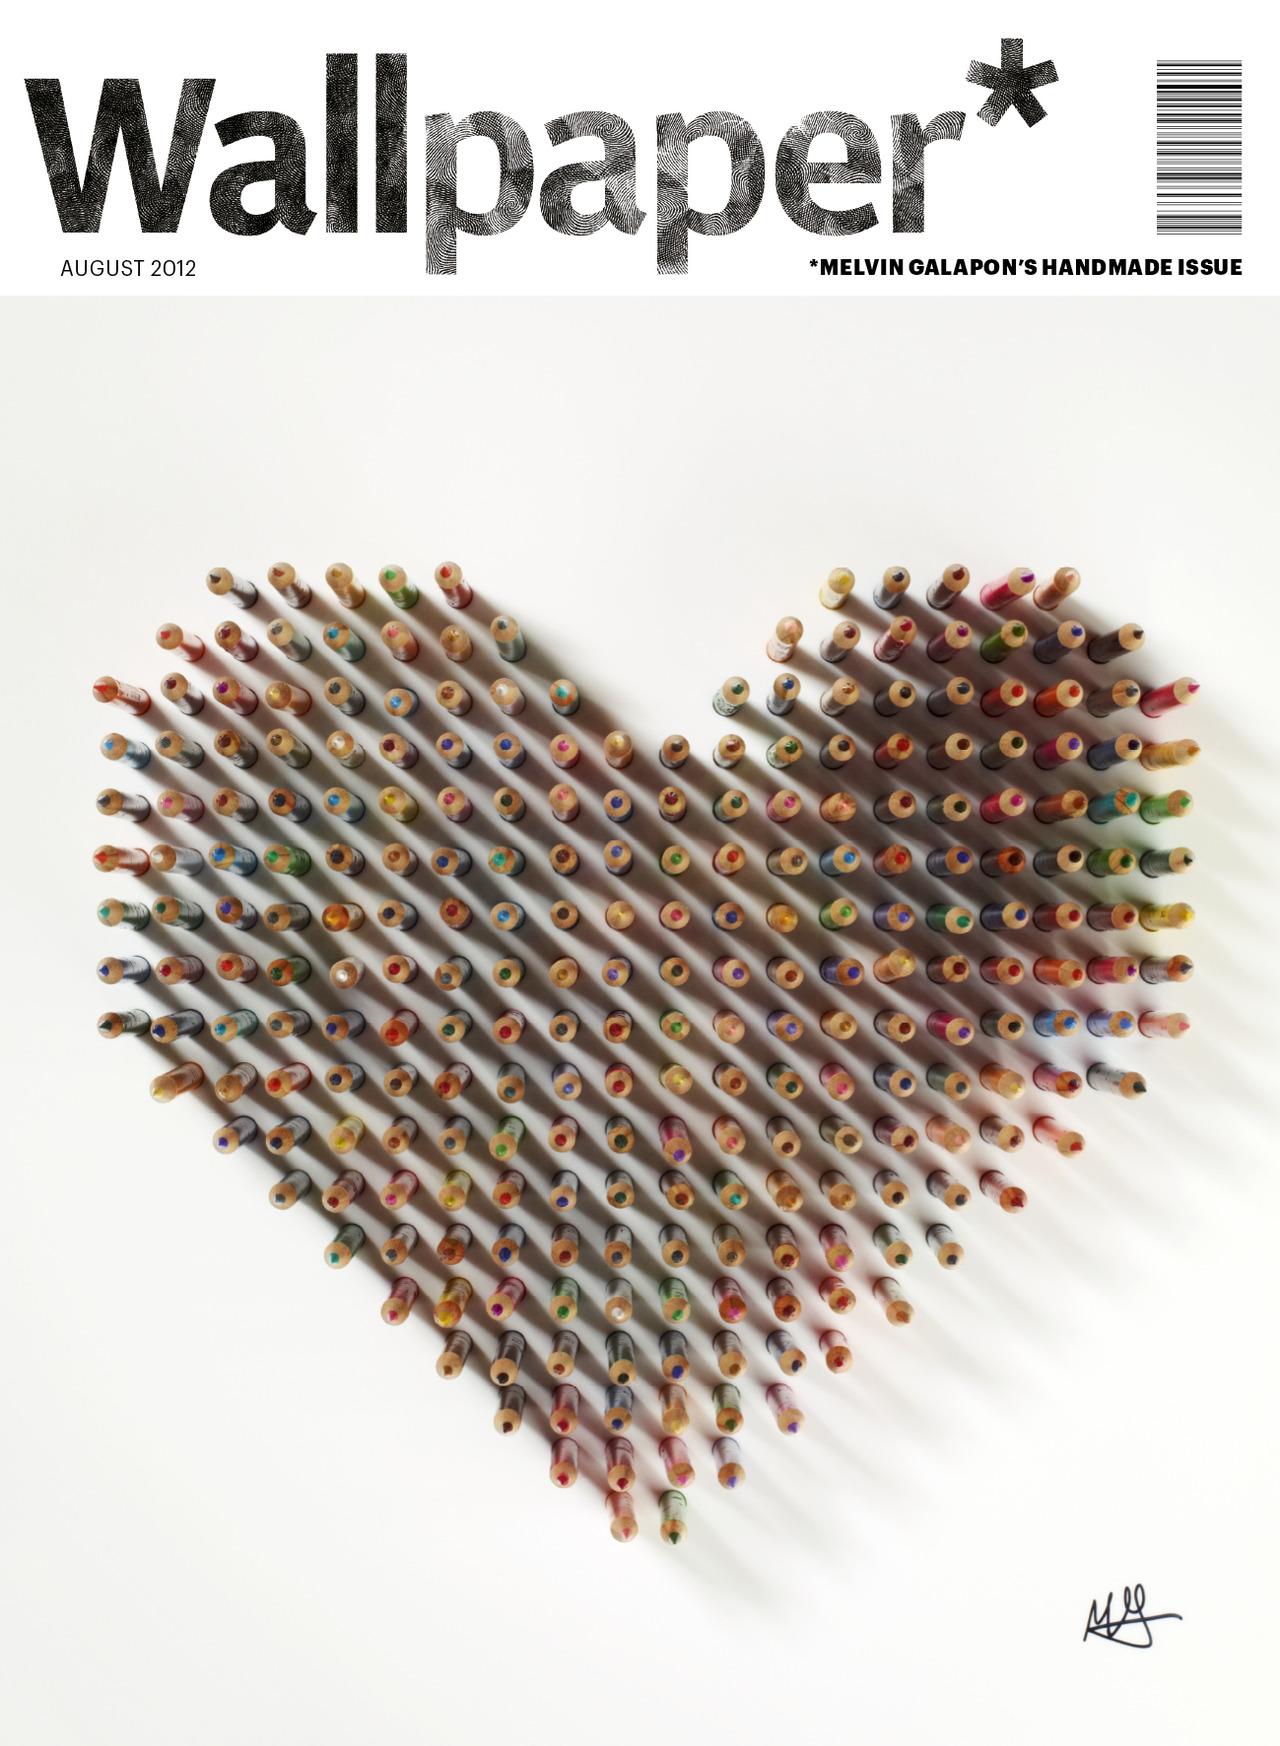 magazine-uk-%E2%80%9EGoogle%E2%80%9C-paie%C5%A1ka-wallpaper-wp4601751